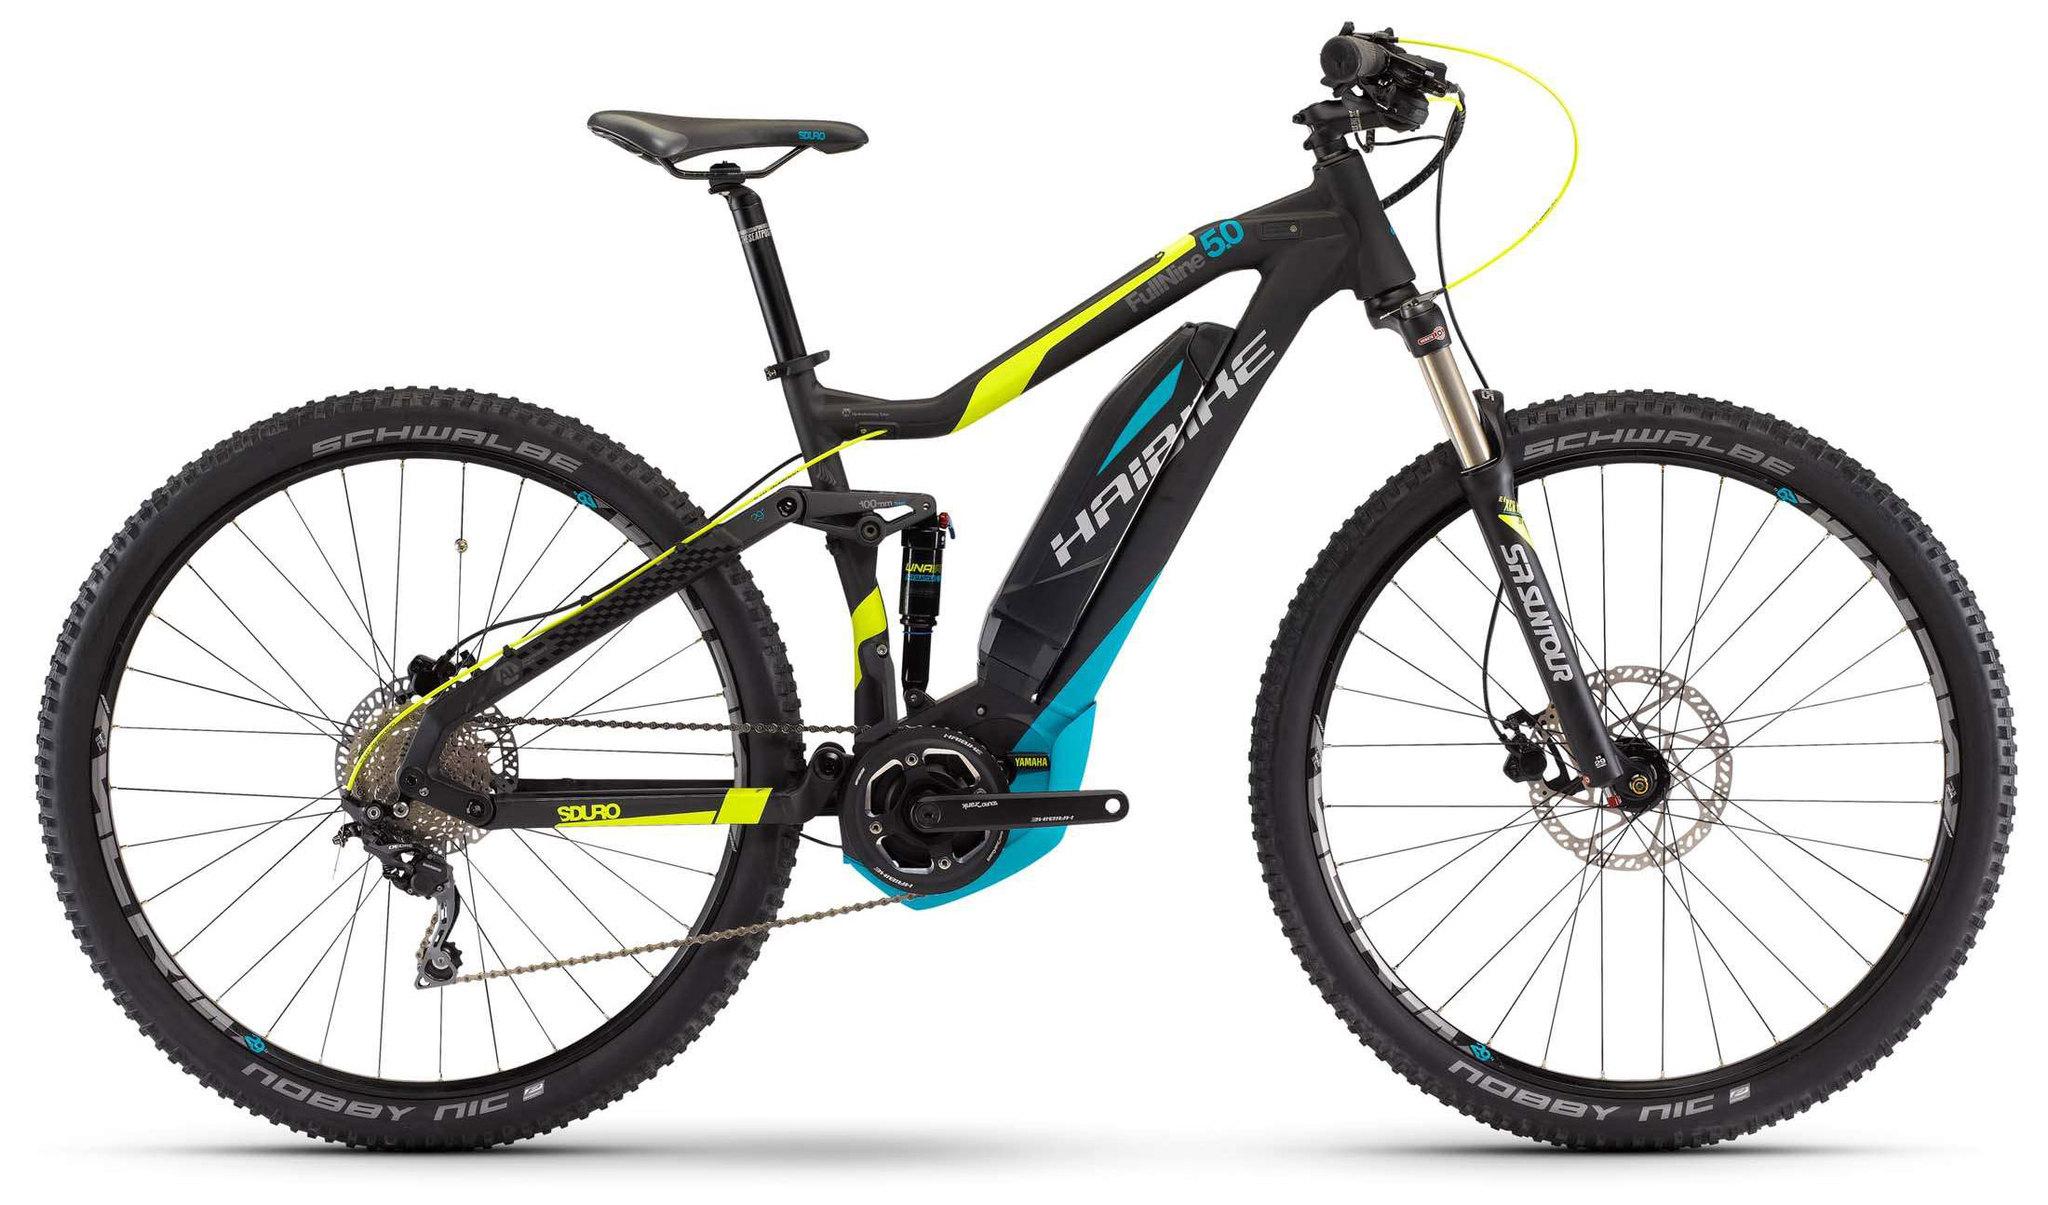 Haibike Sduro Full Nine 5.0 400Wh (2017)Горные<br>Haibike Sduro Fullnine - это двухподвес для трейлрайдинга, оснащенный мощным мотором и вместительной батареей. Алюминиевая рама позволила не только снизить вес велосипеда, но и увеличила общую прочность. За плавность при передвижении по бездорожью отвечает амортизатор SR Suntour SR15 Unair EB LO-R air. На раму установлен электромотор 350-500 Вт, заряда которого хватит на весьма продолжительное катание.<br>